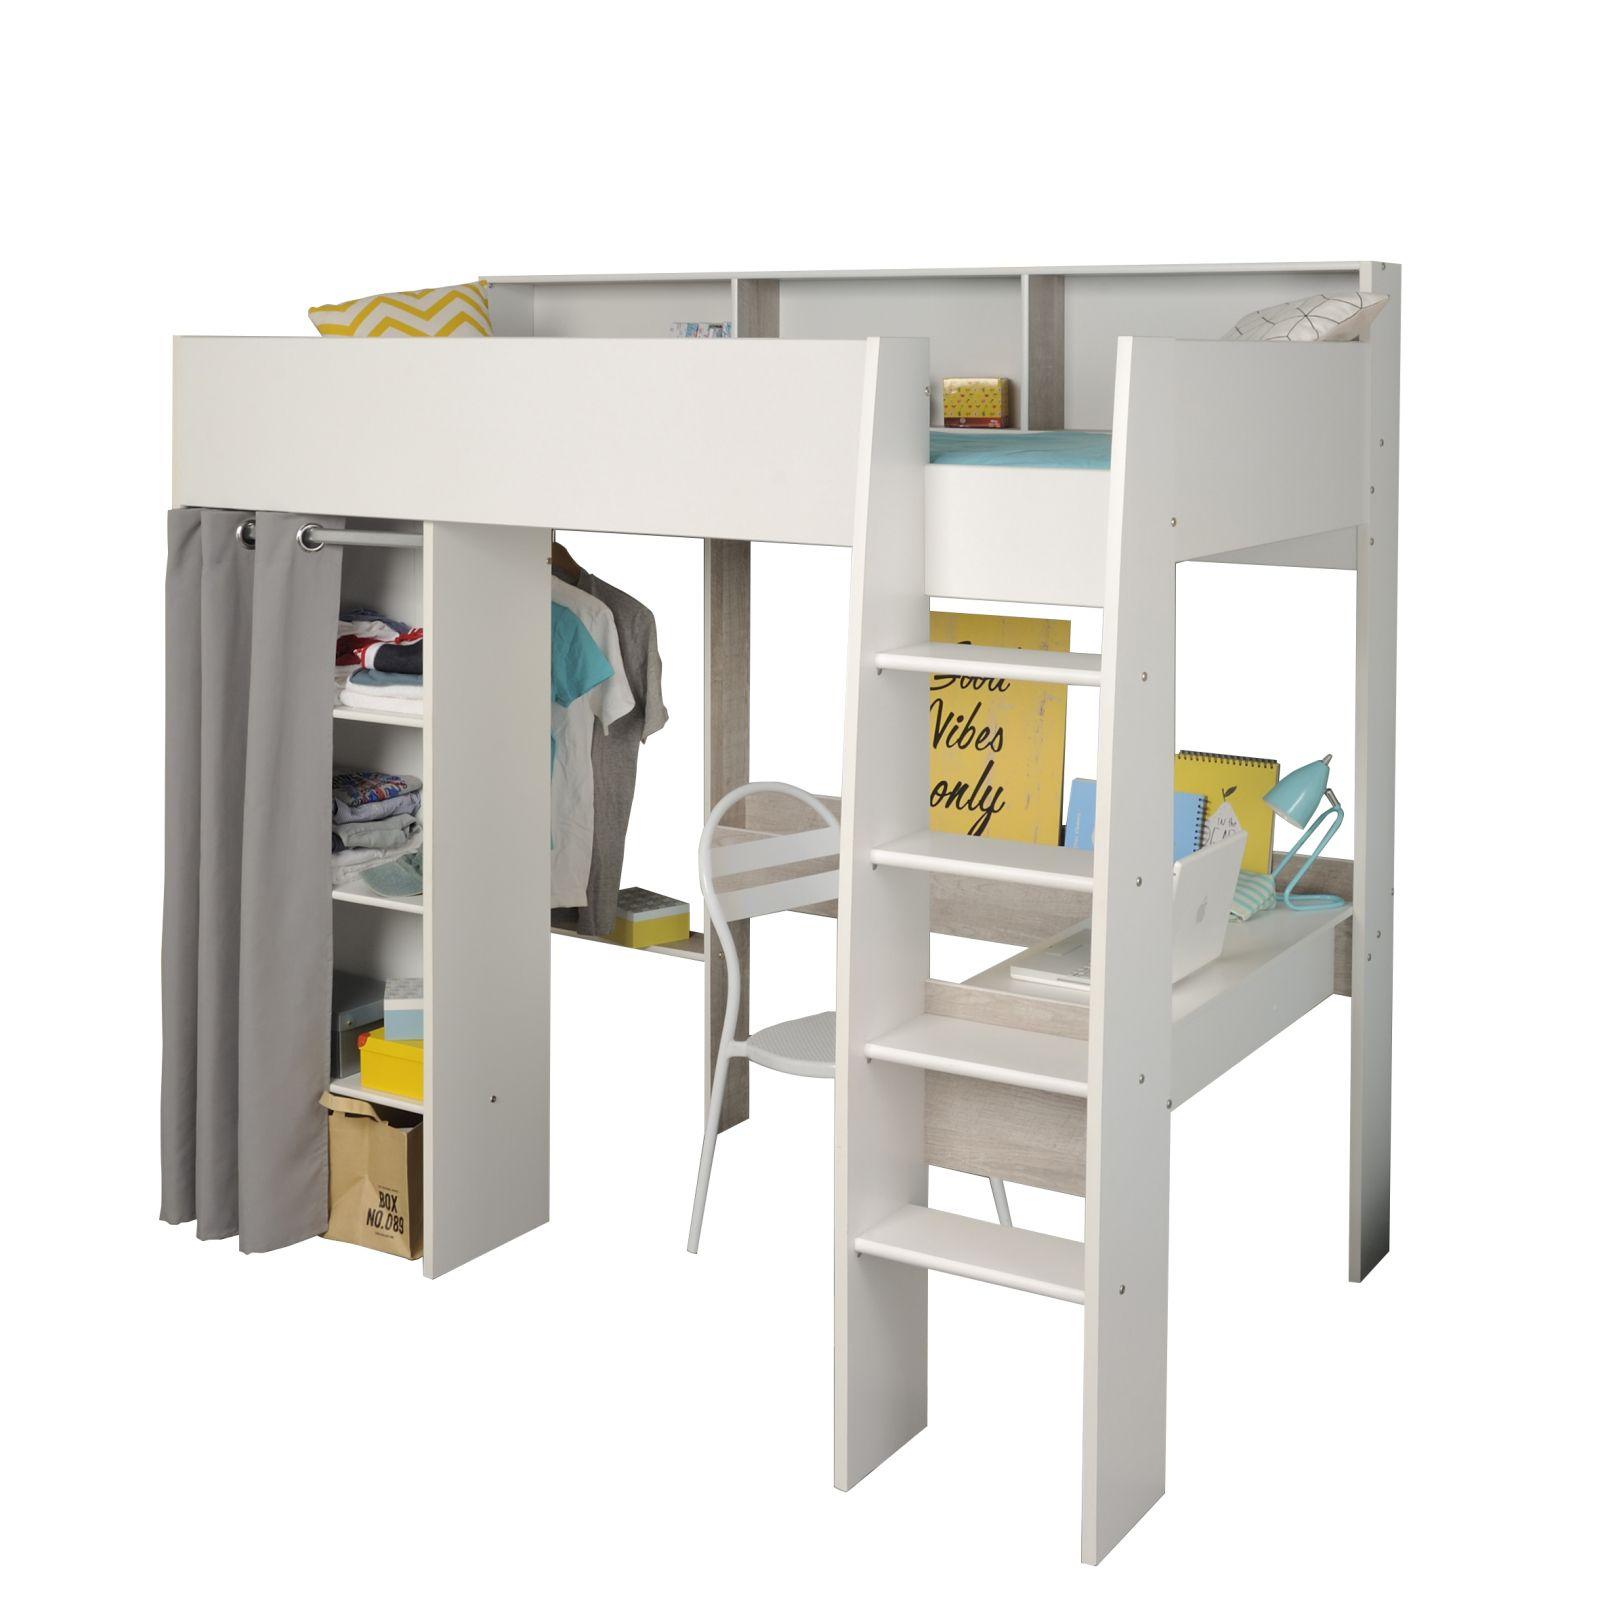 Schau Mal Was Ich Bei Roller Gefunden Habe Hochbett Taylor 11 Weiss Integrierter Schreibtisch In 2020 Integrierter Schreibtisch Kleiderschrank Jugendzimmer Weisser Schrank